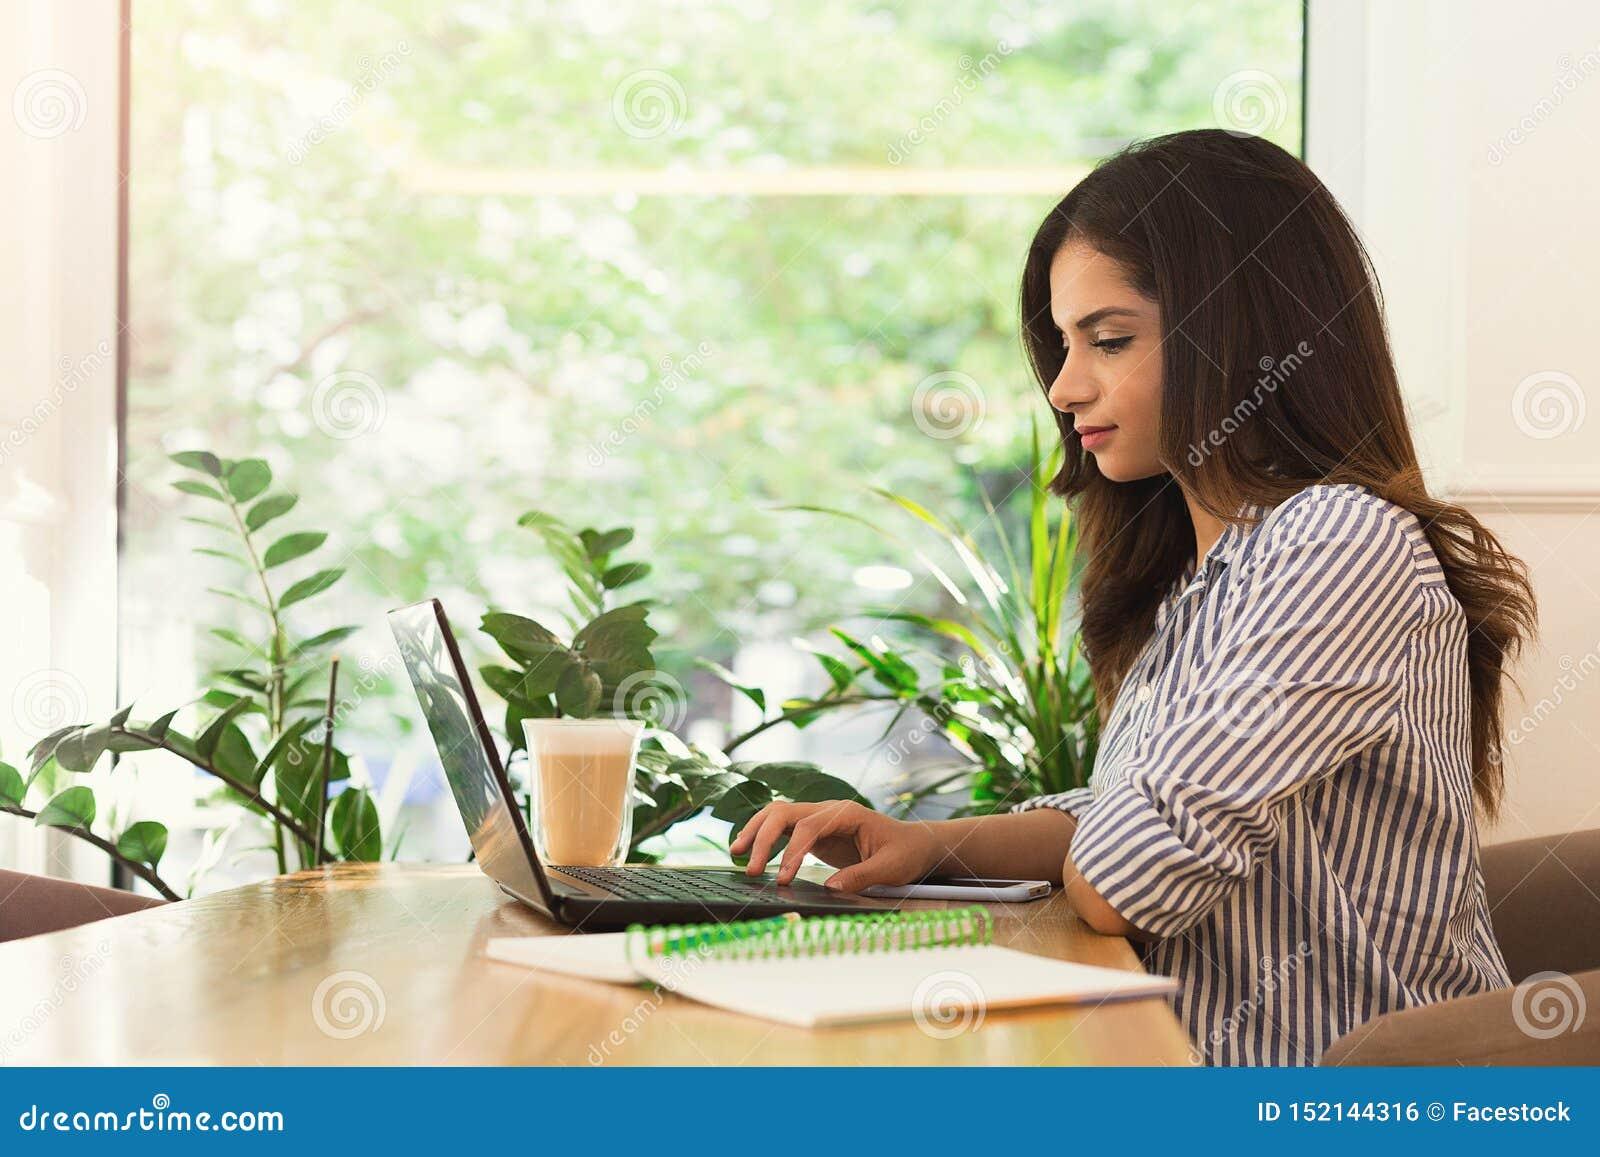 Mujer que trabaja en el ordenador, usando tecnología al aire libre